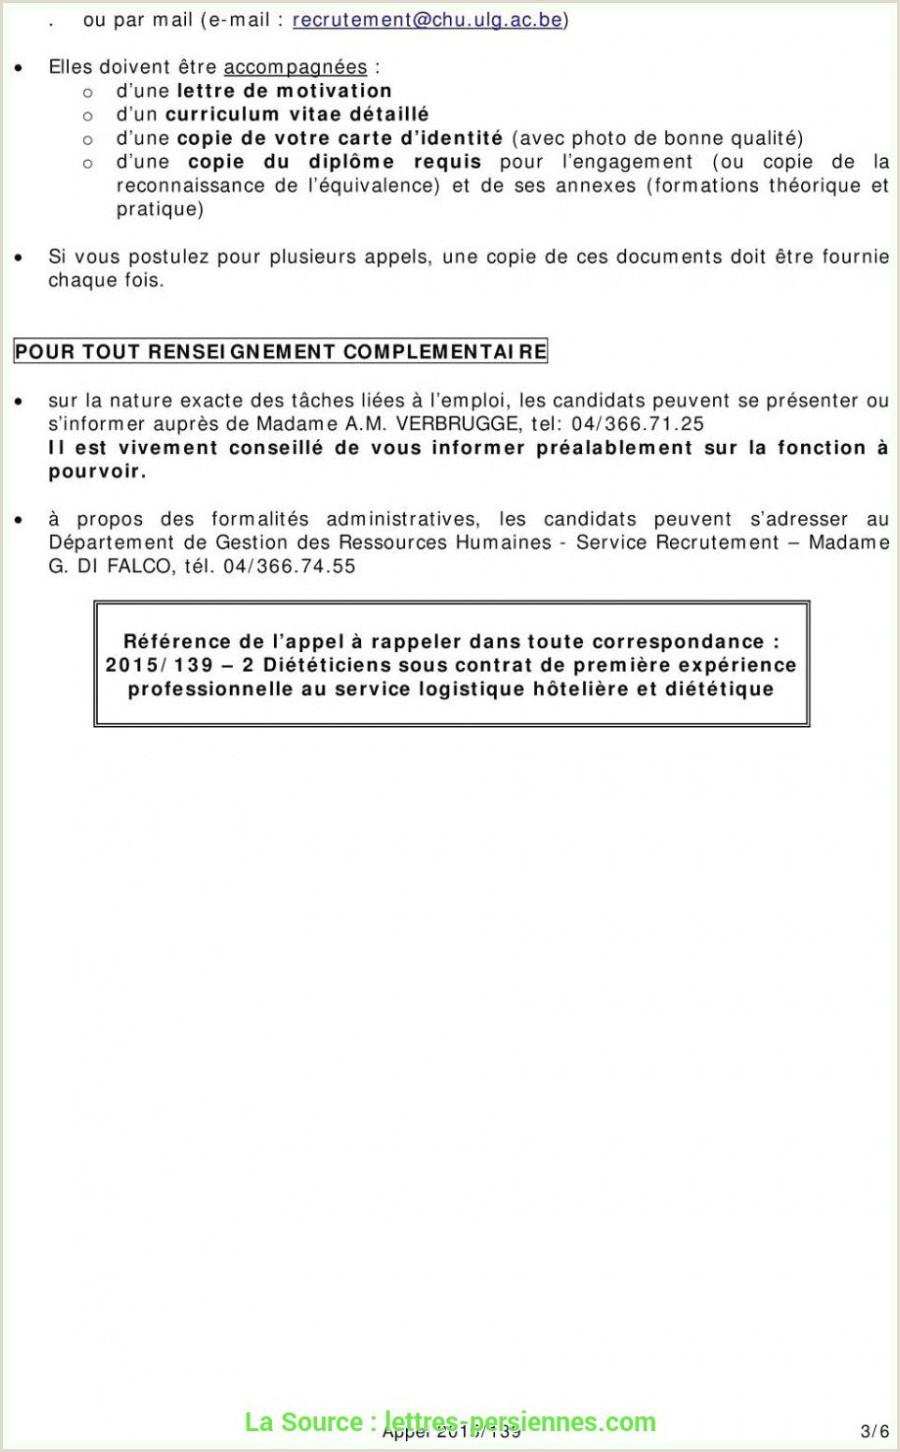 Exemple De Cv Juriste Idéal Lettre De Motivation Stage Juriste Droit social Lettre